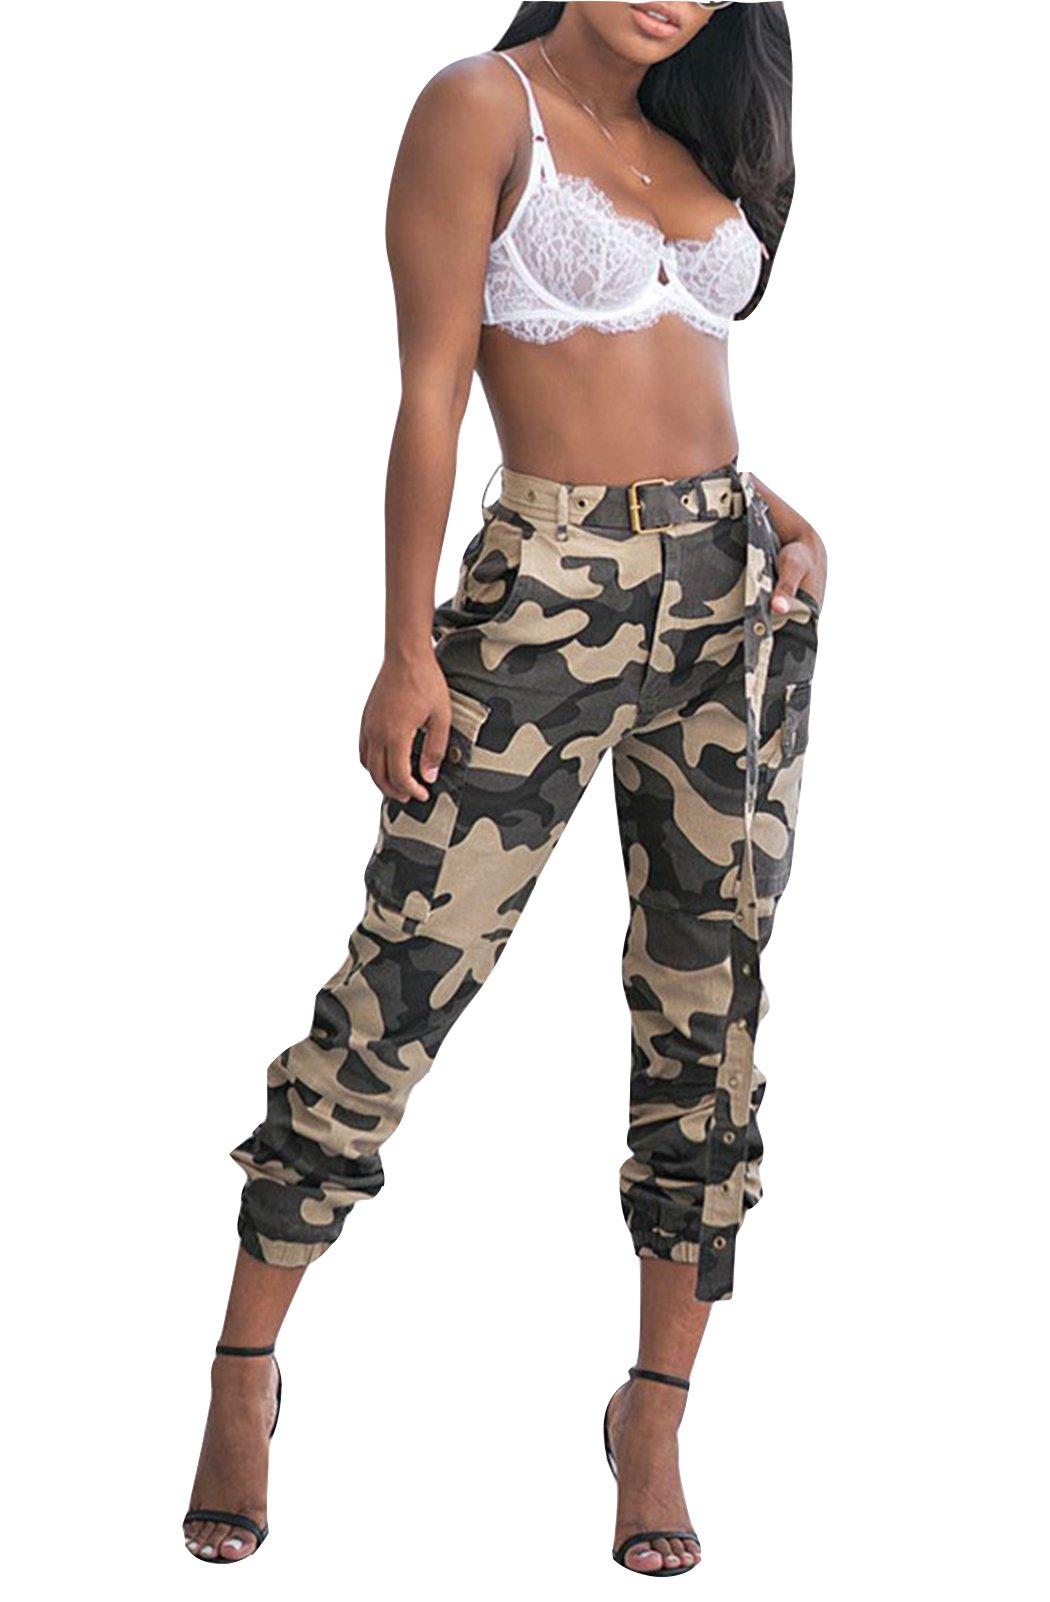 FEIYOUNG Women High Waist Camo Multi-Pockets Trouser Pants with Belt by FEIYOUNG